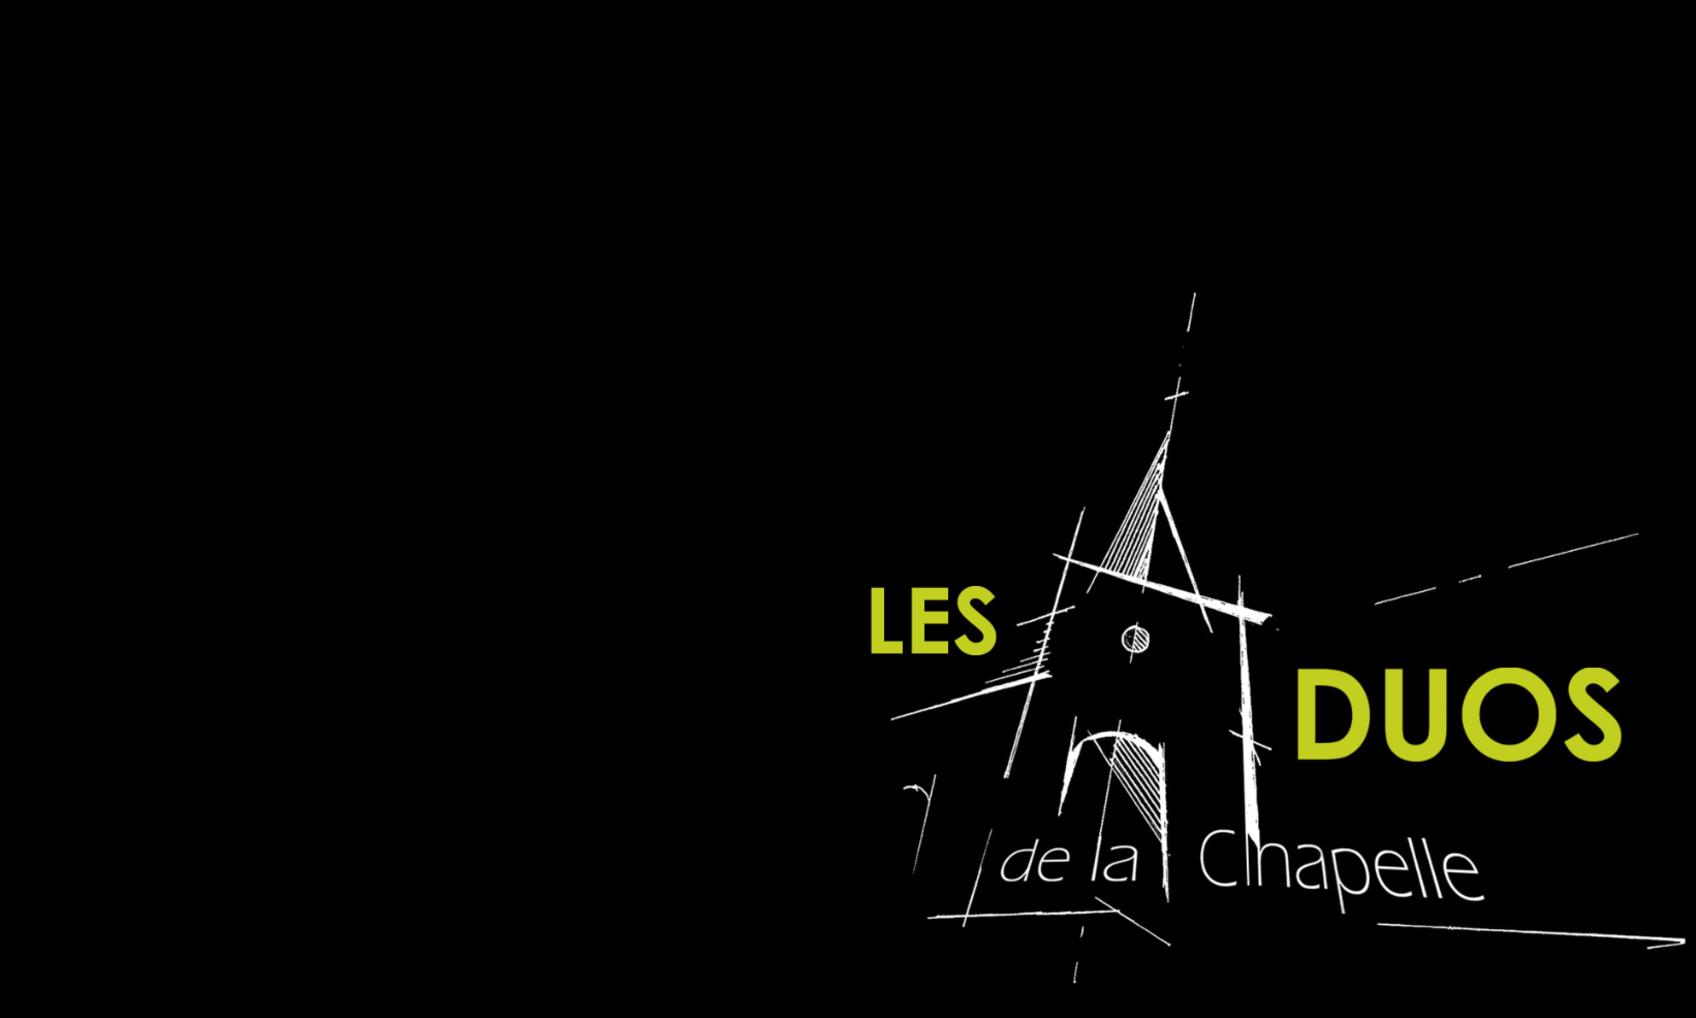 Sophie Le Clanche et Dany Gogly -Lebon